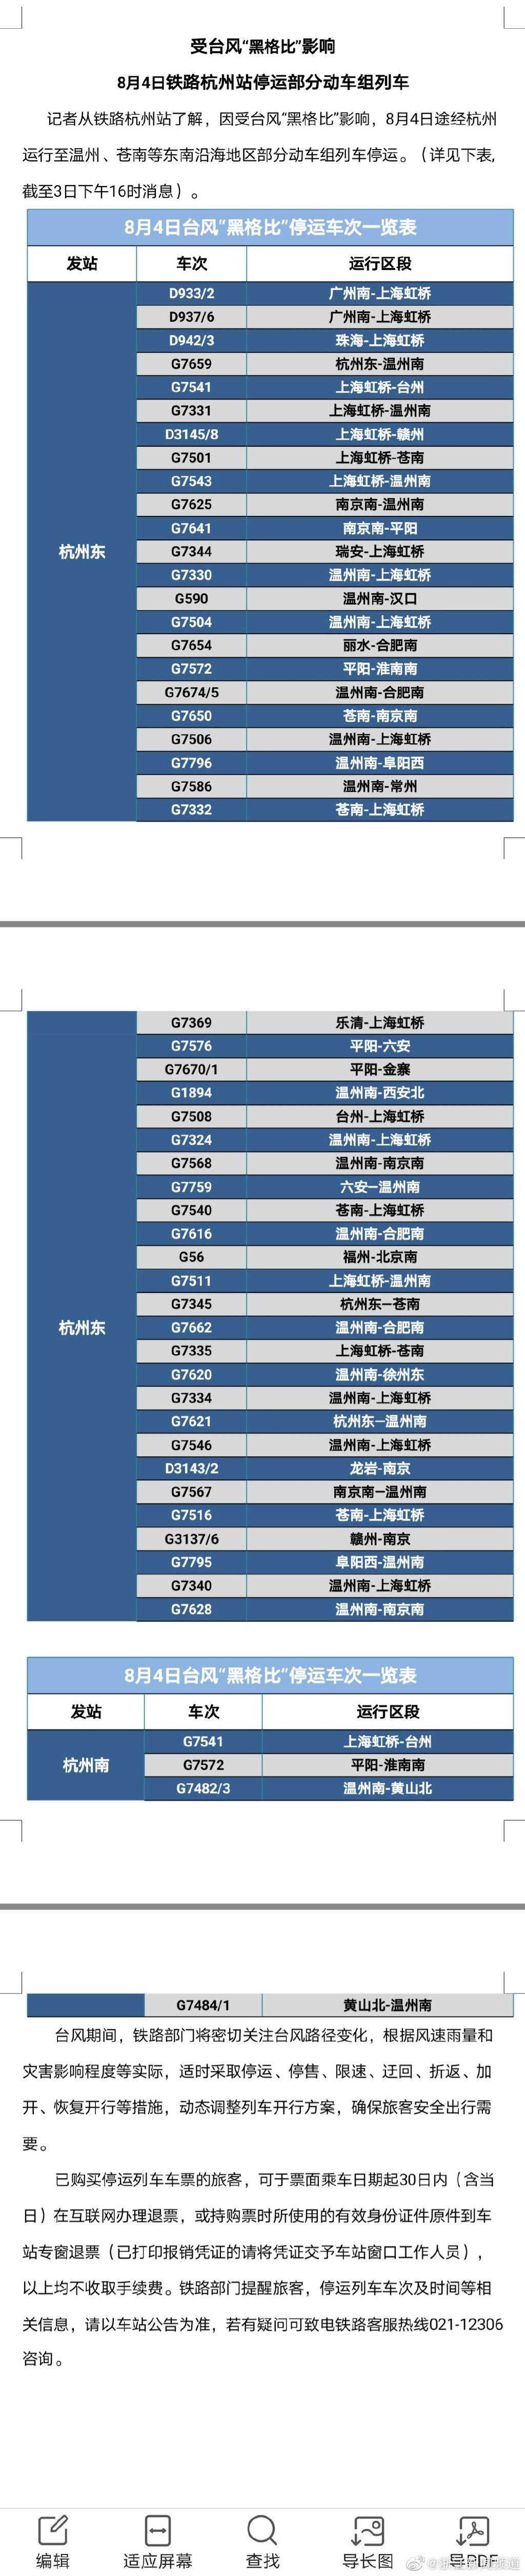 """来源:""""浙江新闻频道""""微博"""